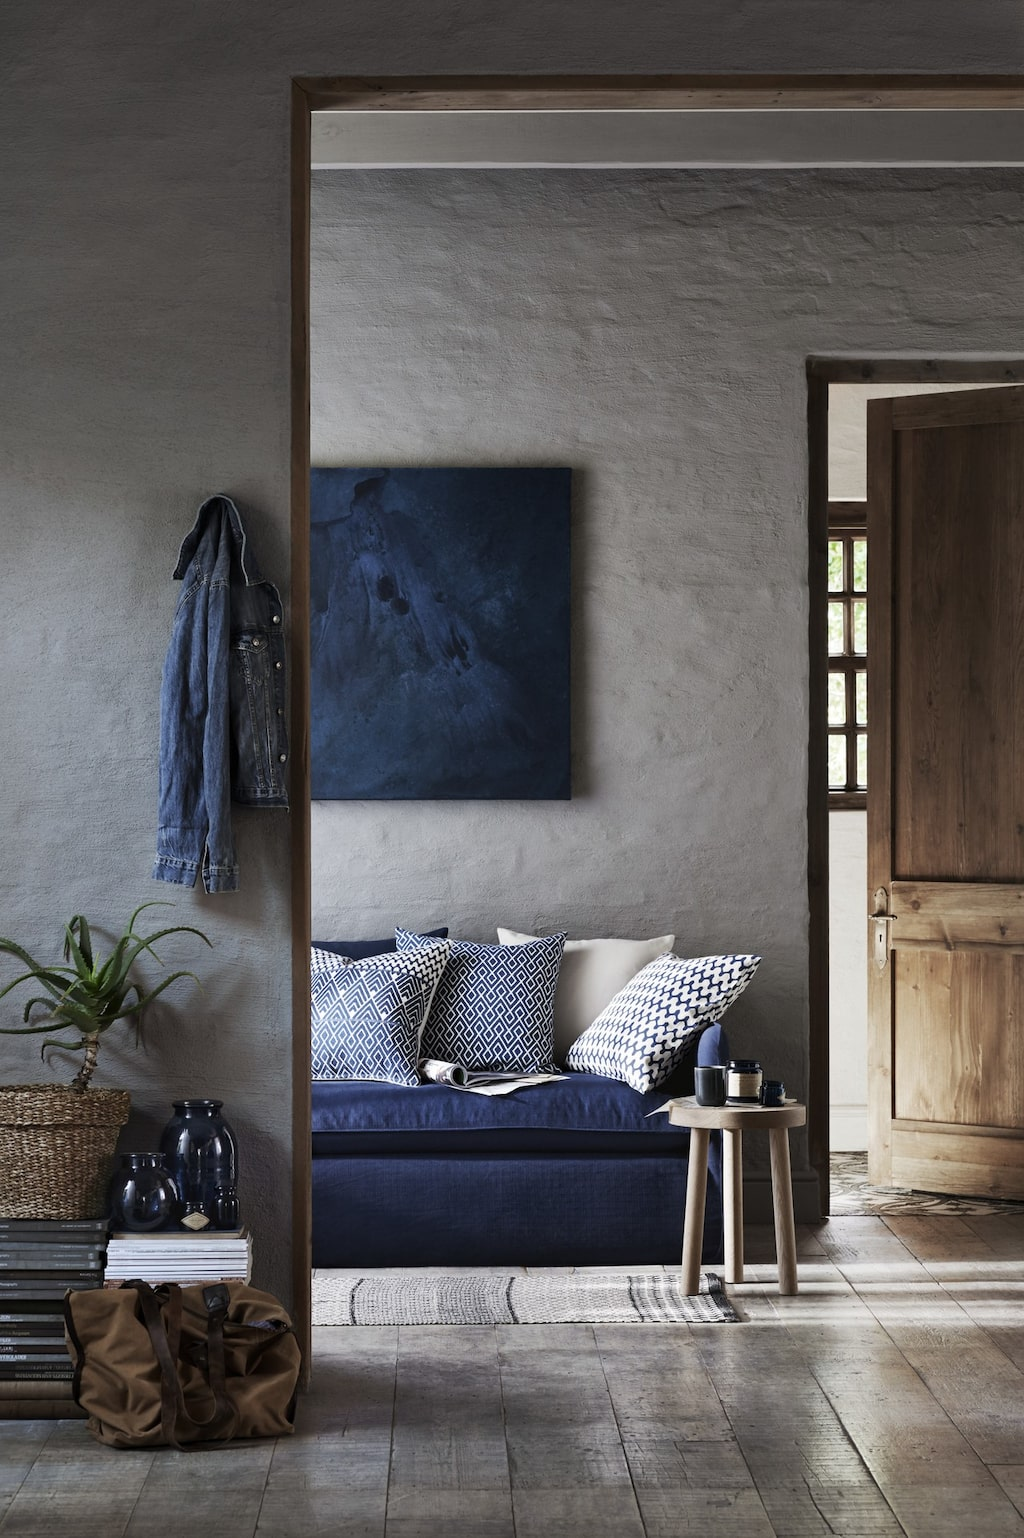 Piffa upp de naturnära färgskalorna med härlig blå färg.